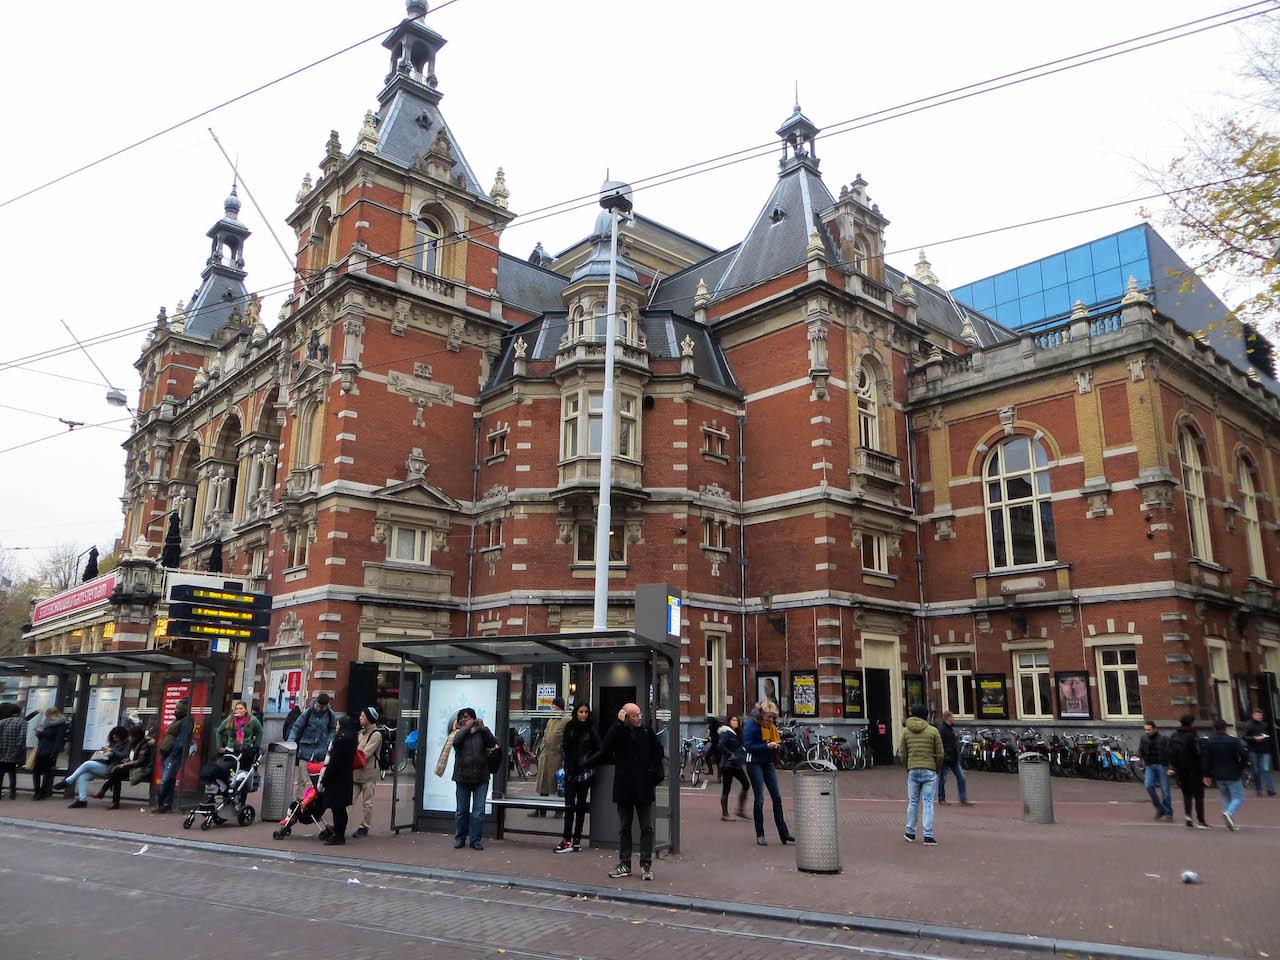 Der Leidseplein in Amsterdam.